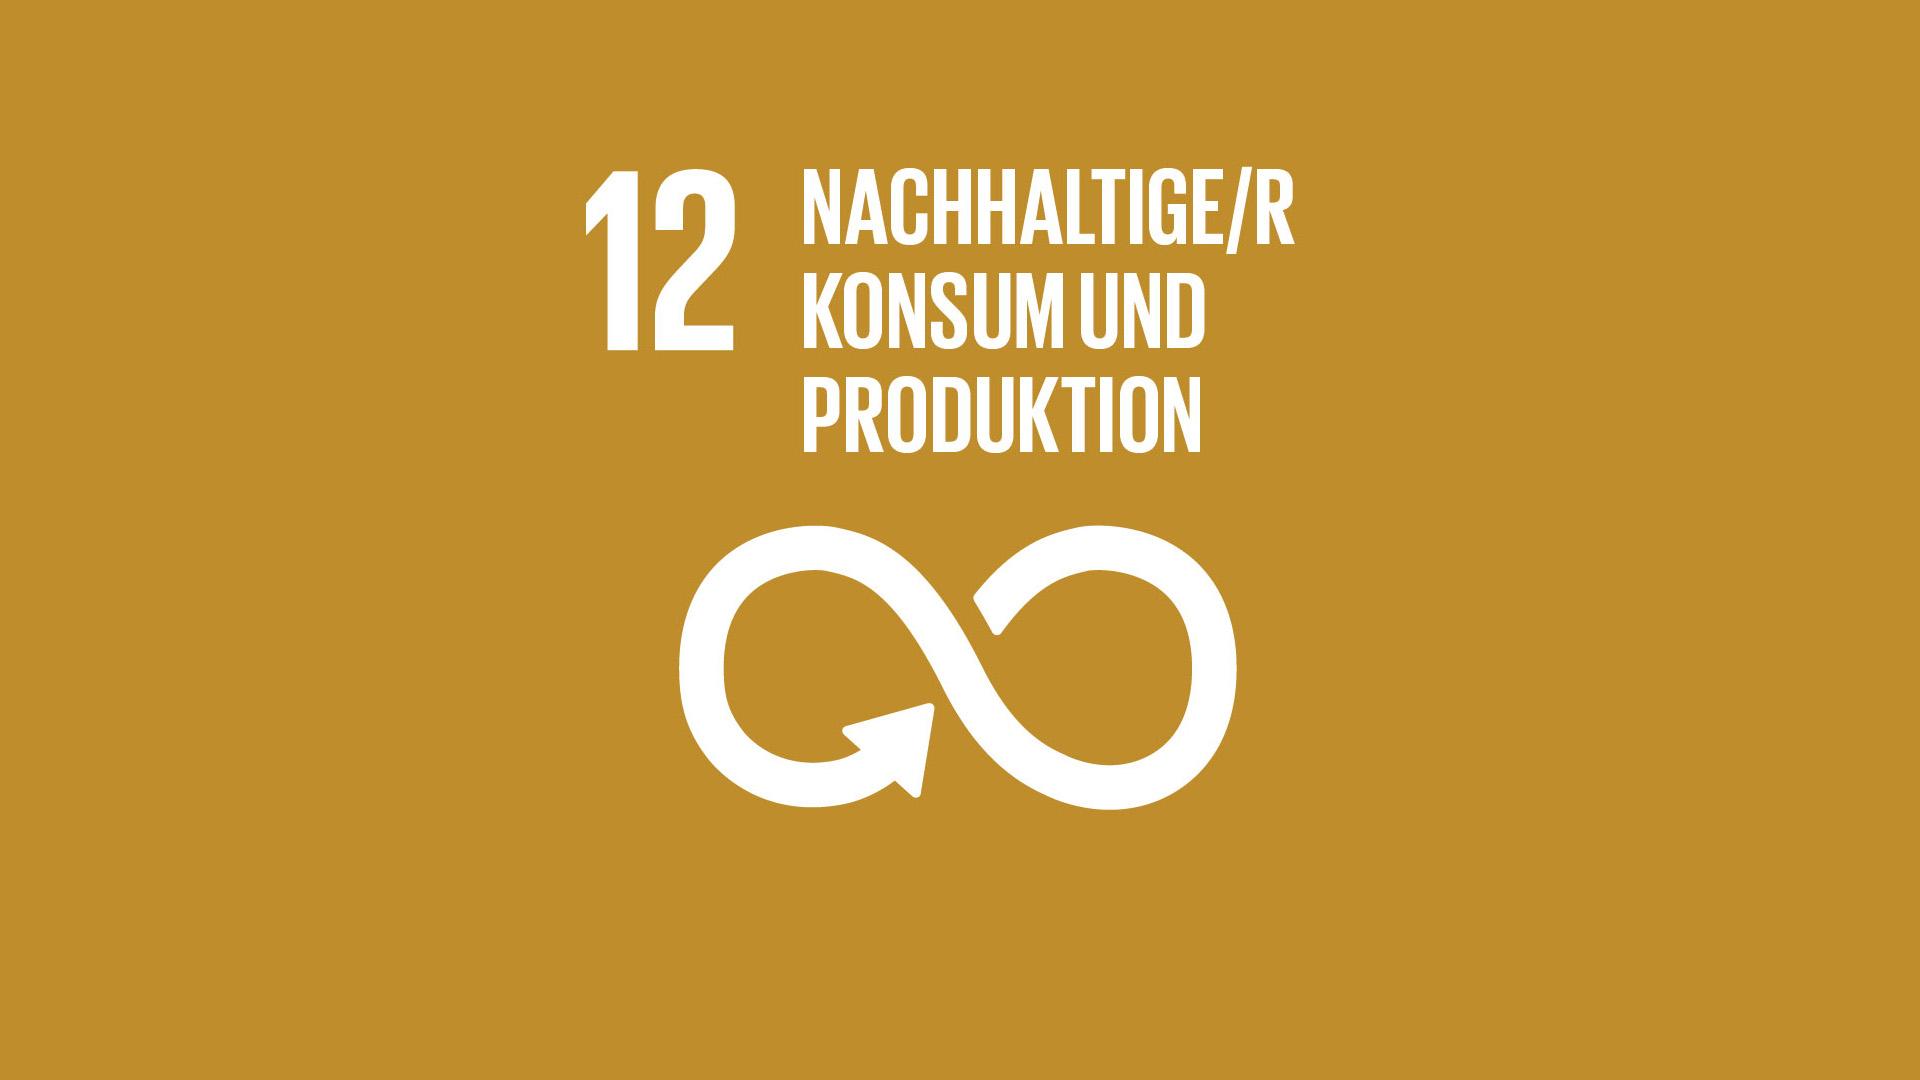 SDG 12: Nachhaltige/r Konsum und Produktion